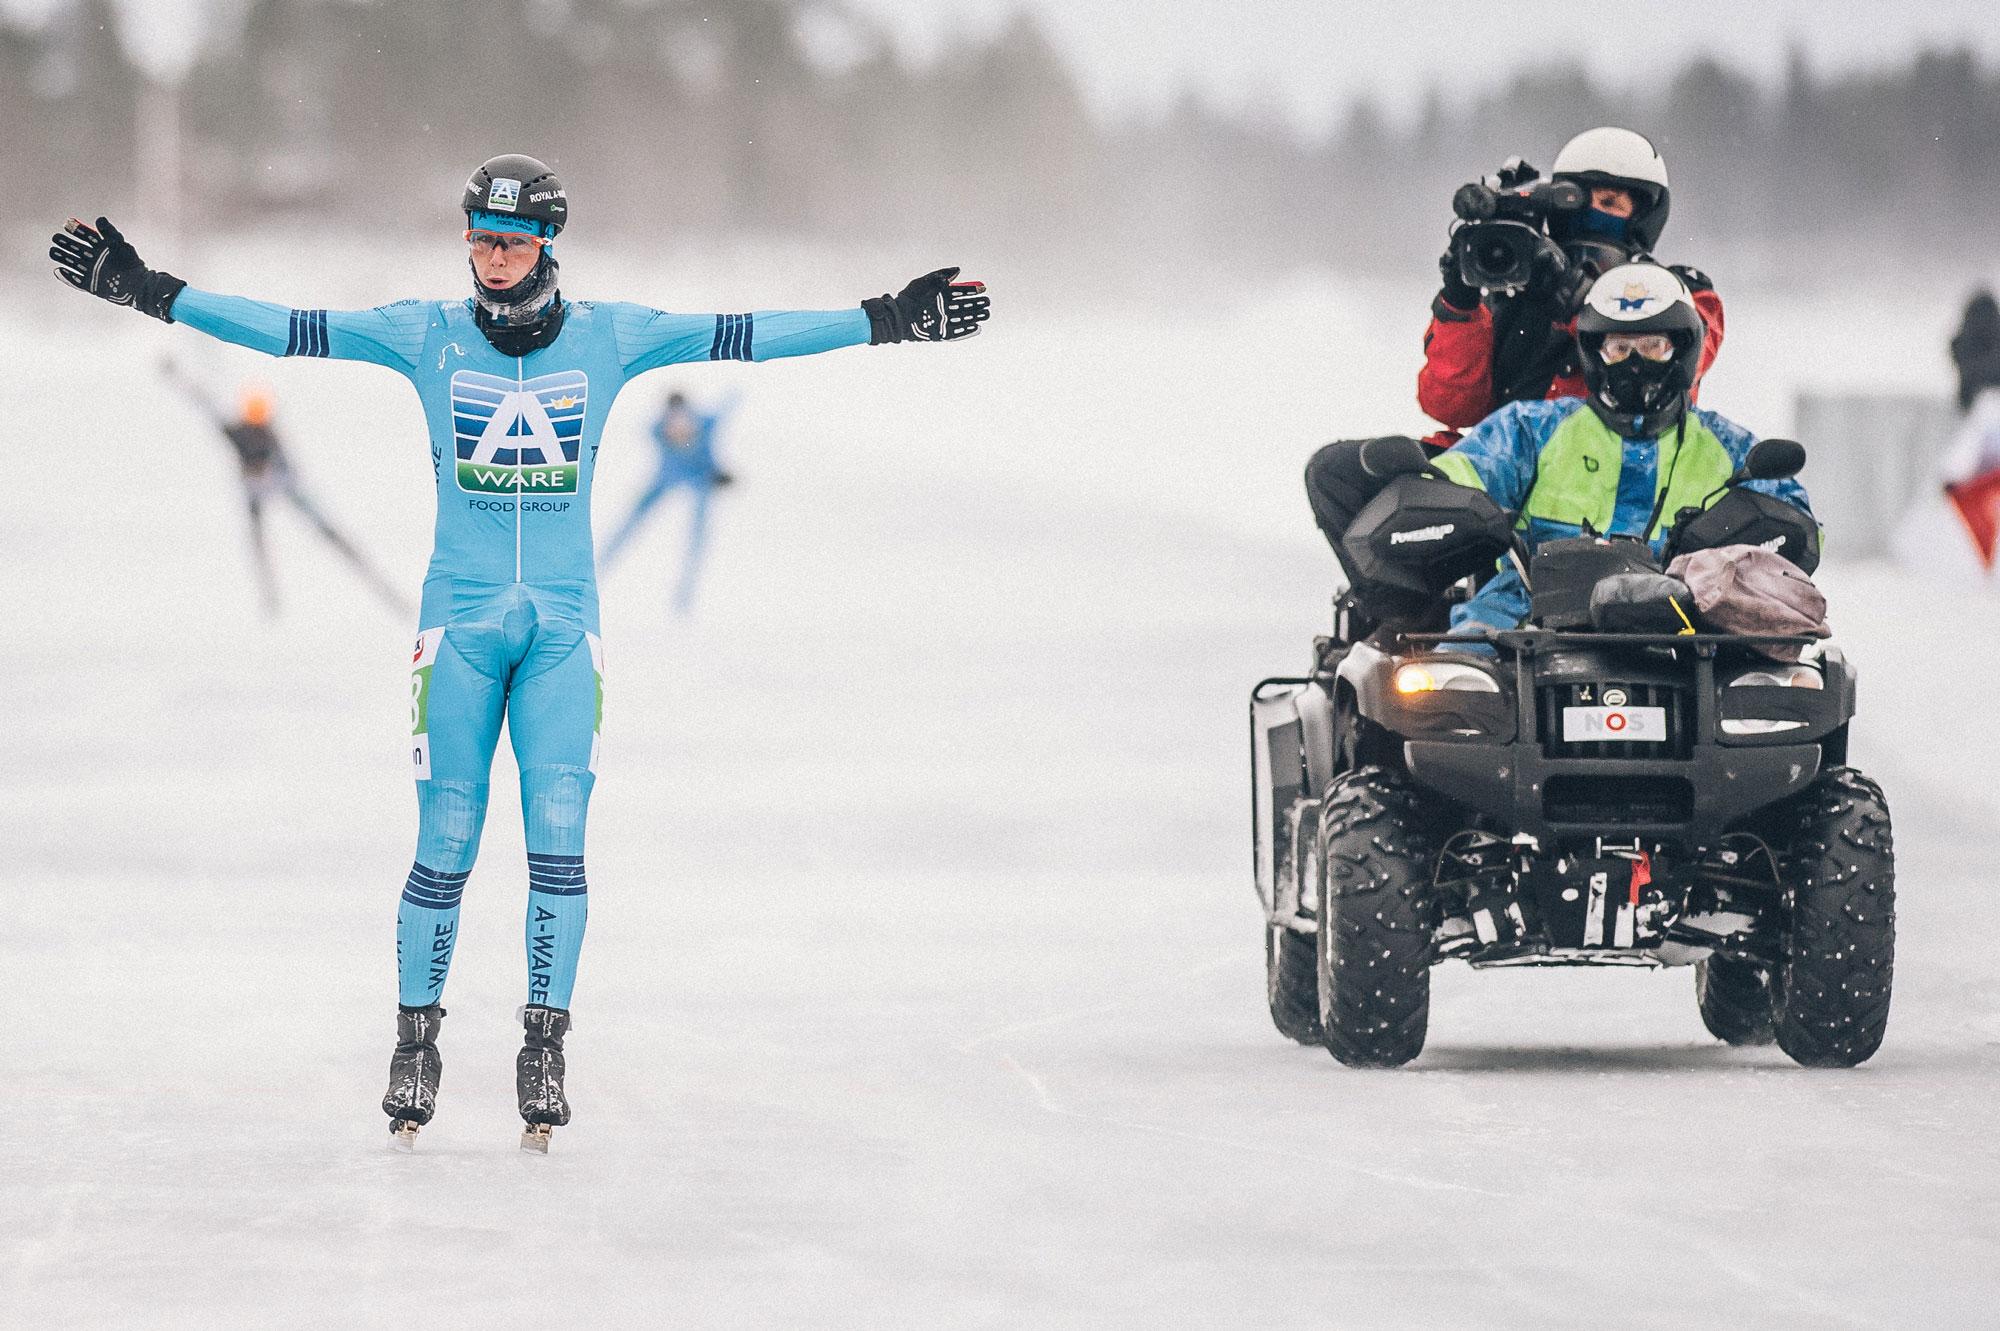 Simon-Schouten-stop-met-schaatsen-vincent-riemersma